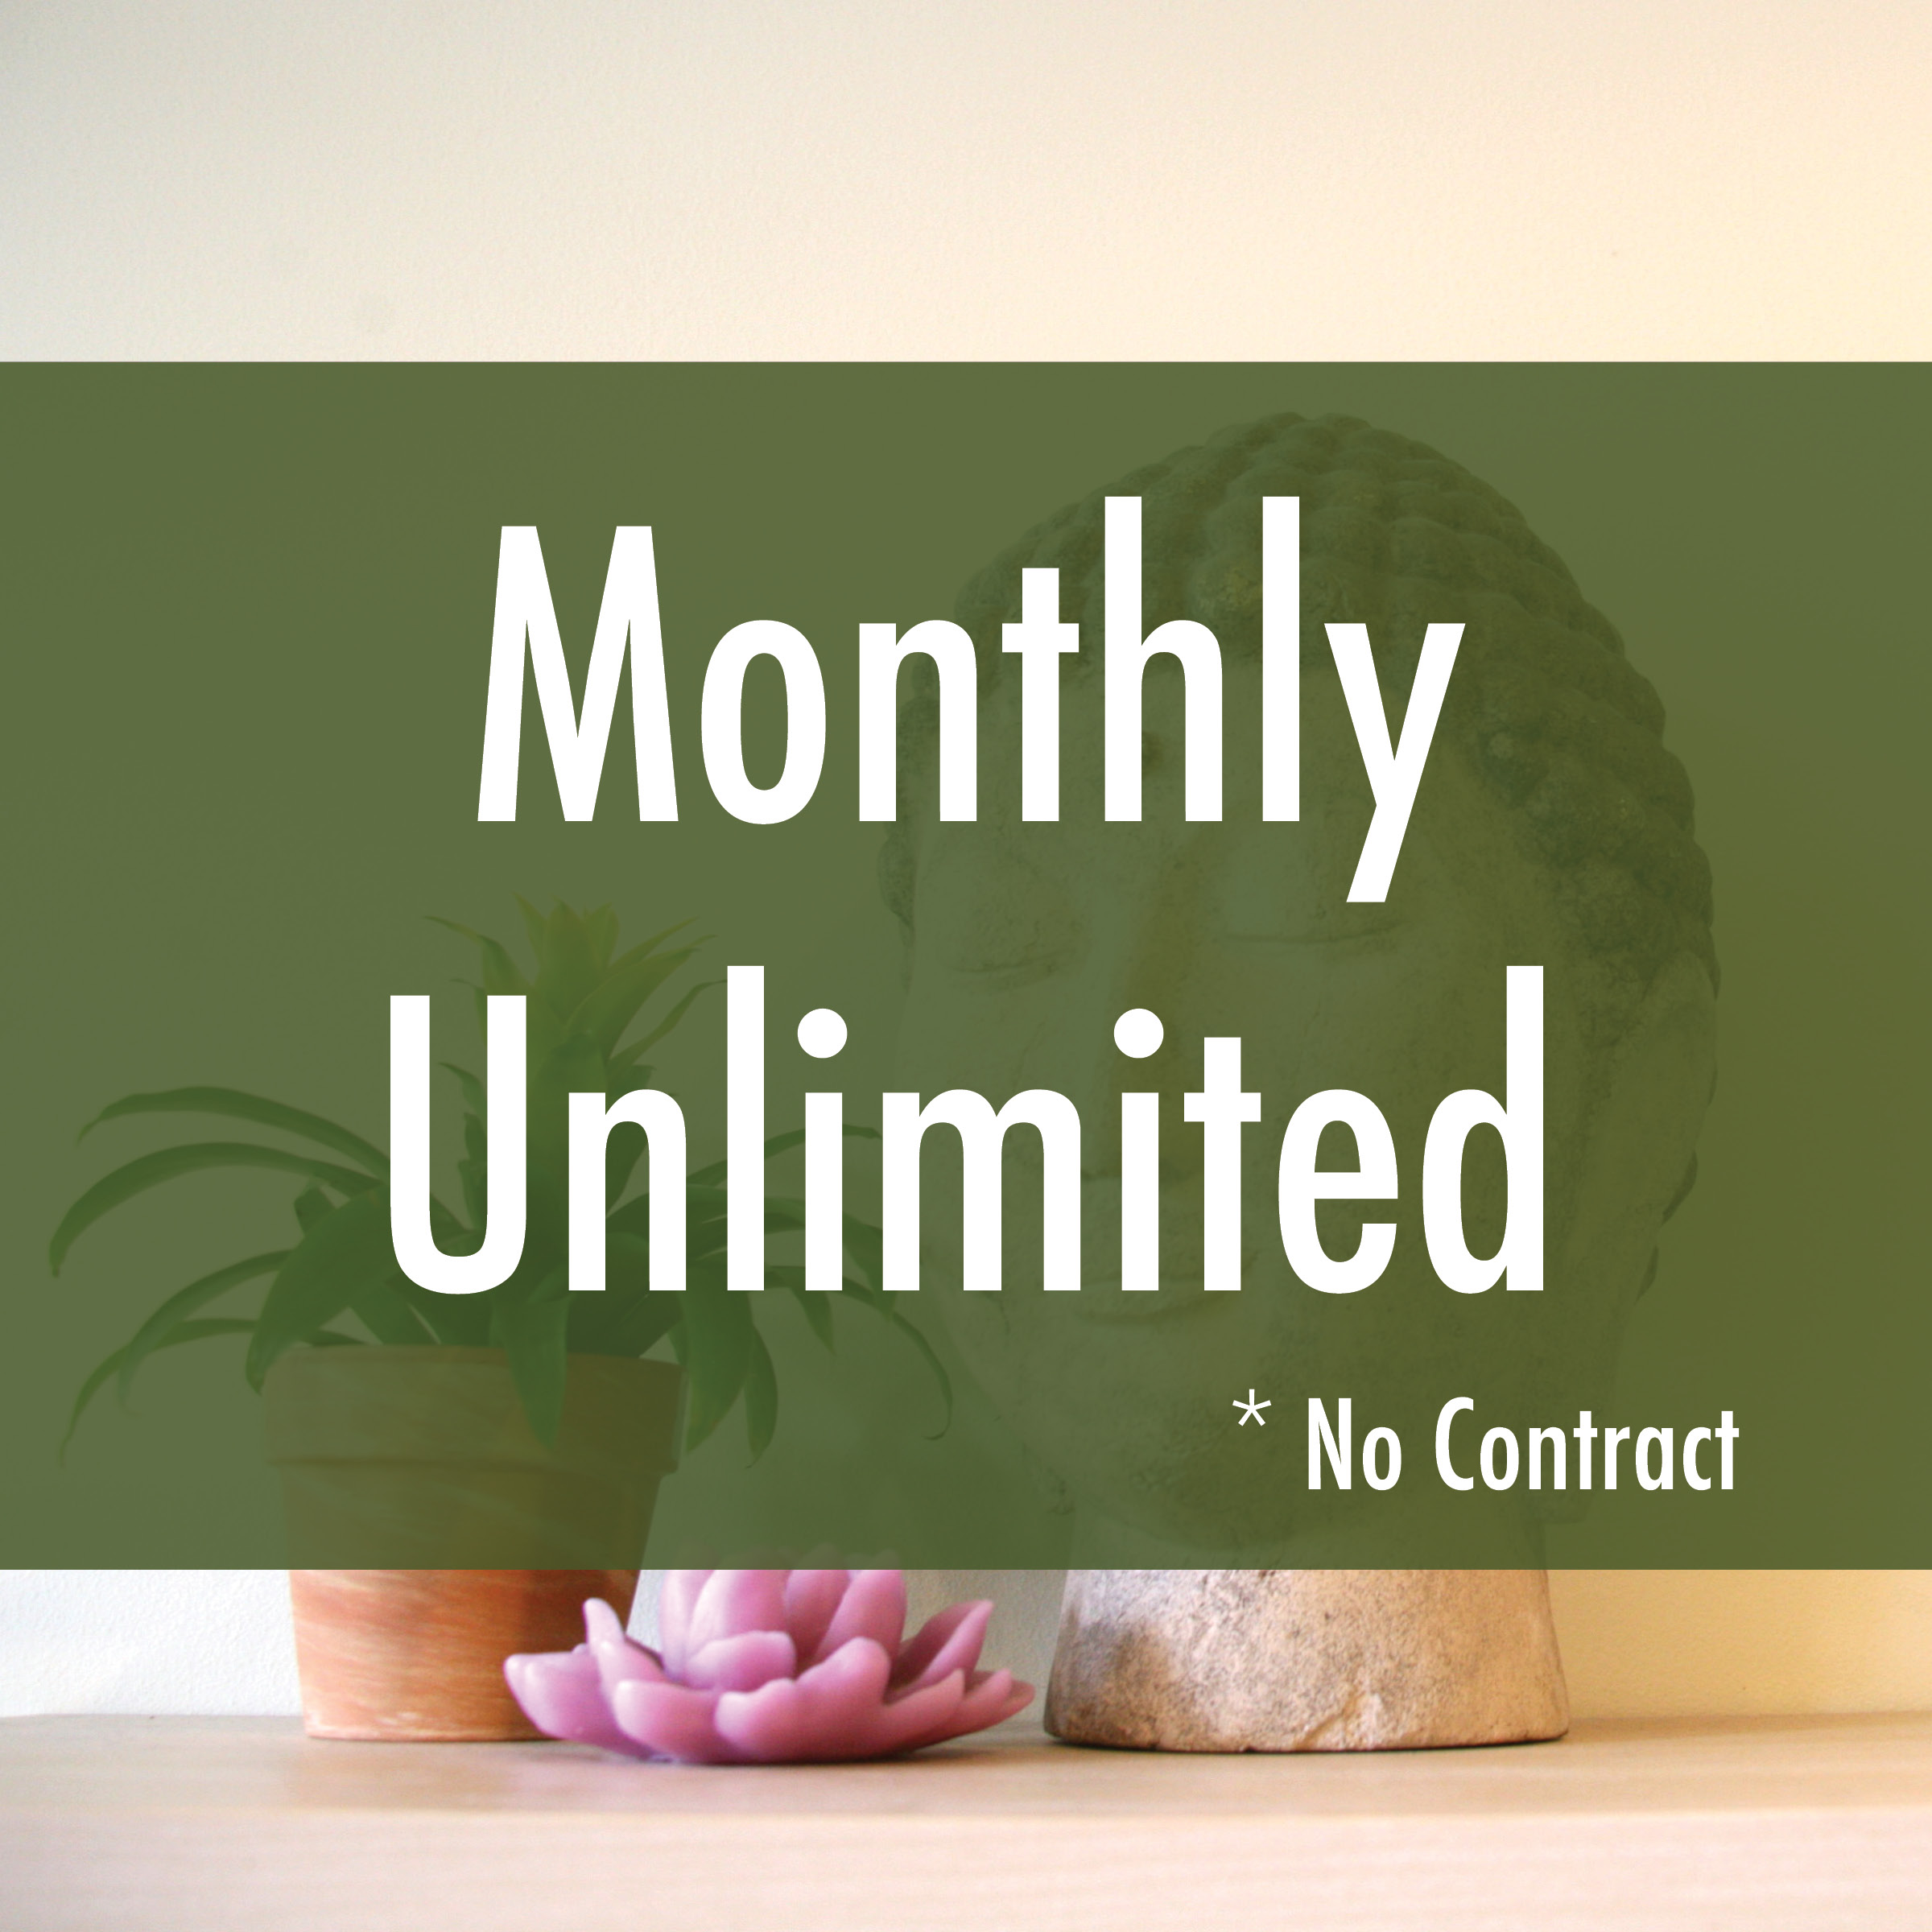 MonthlyNoContract.jpg